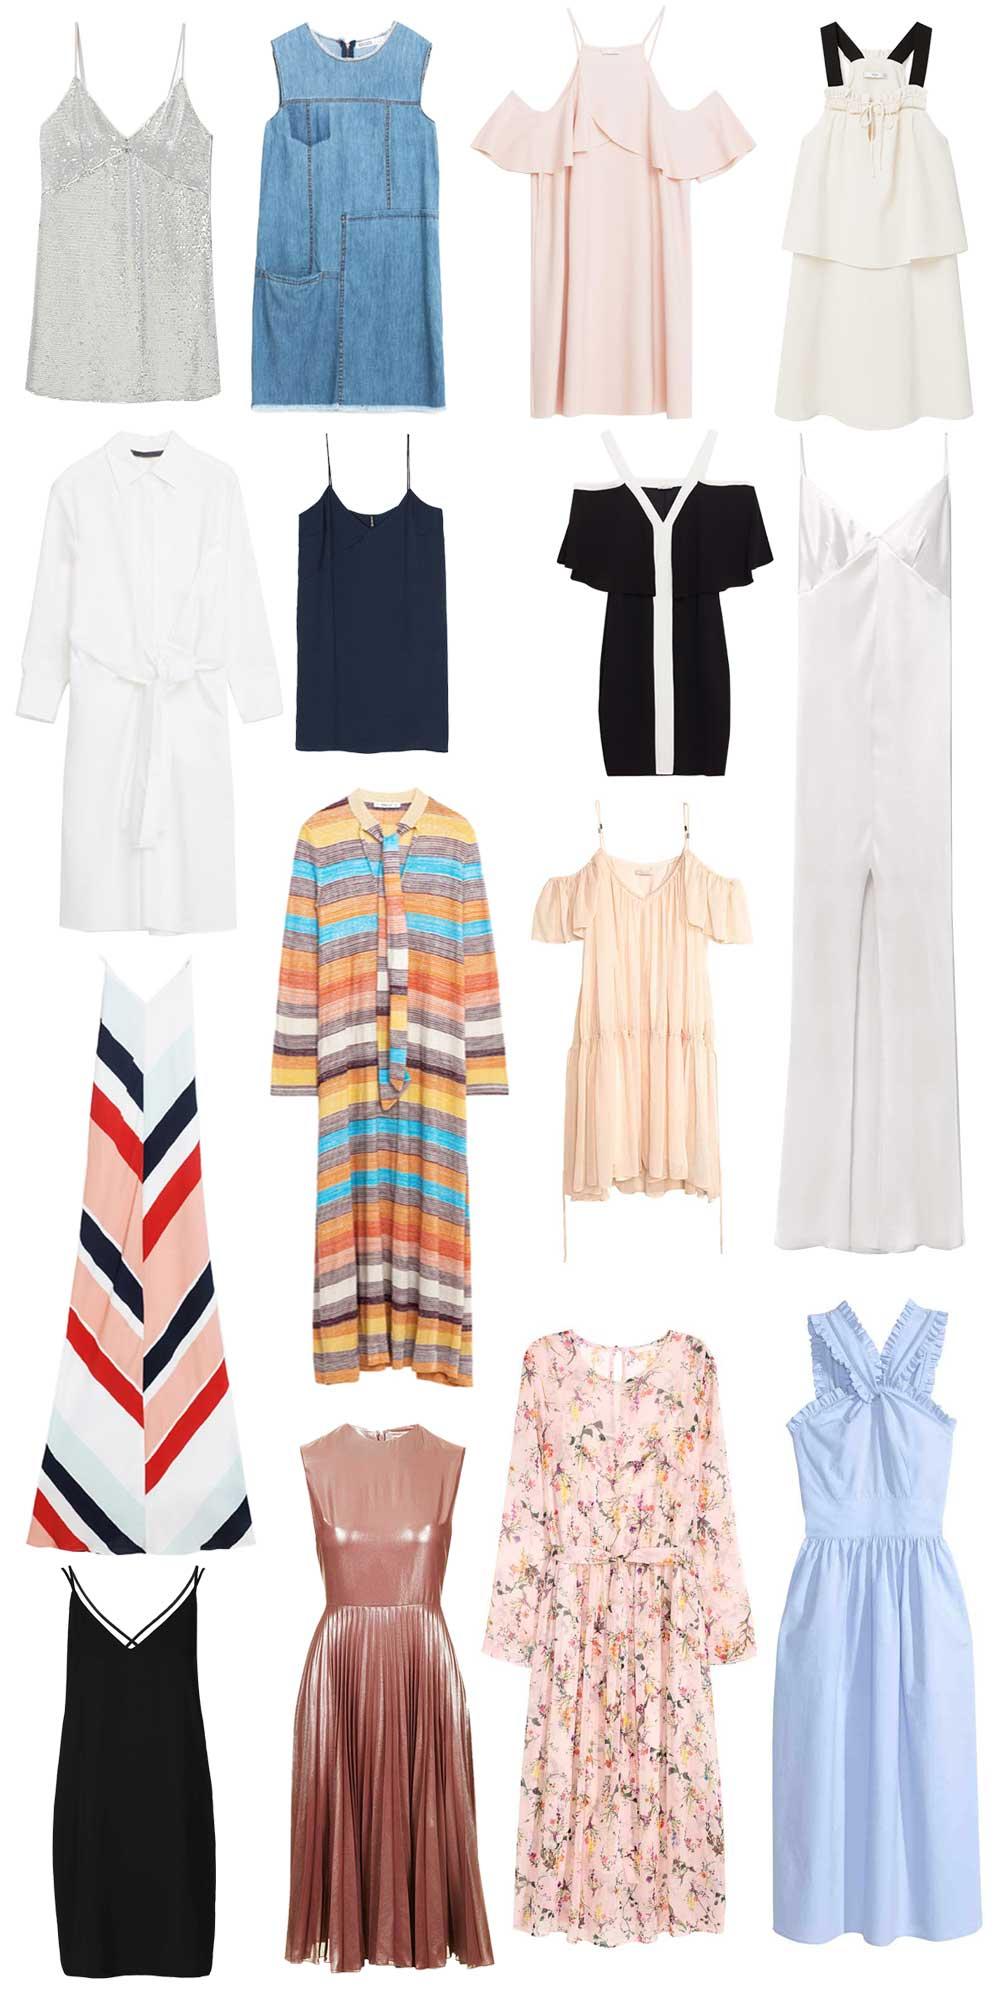 d0bdb61922 Specjalnie dla was wybraliśmy 15 modnych sukienek z popularnych sieciówek